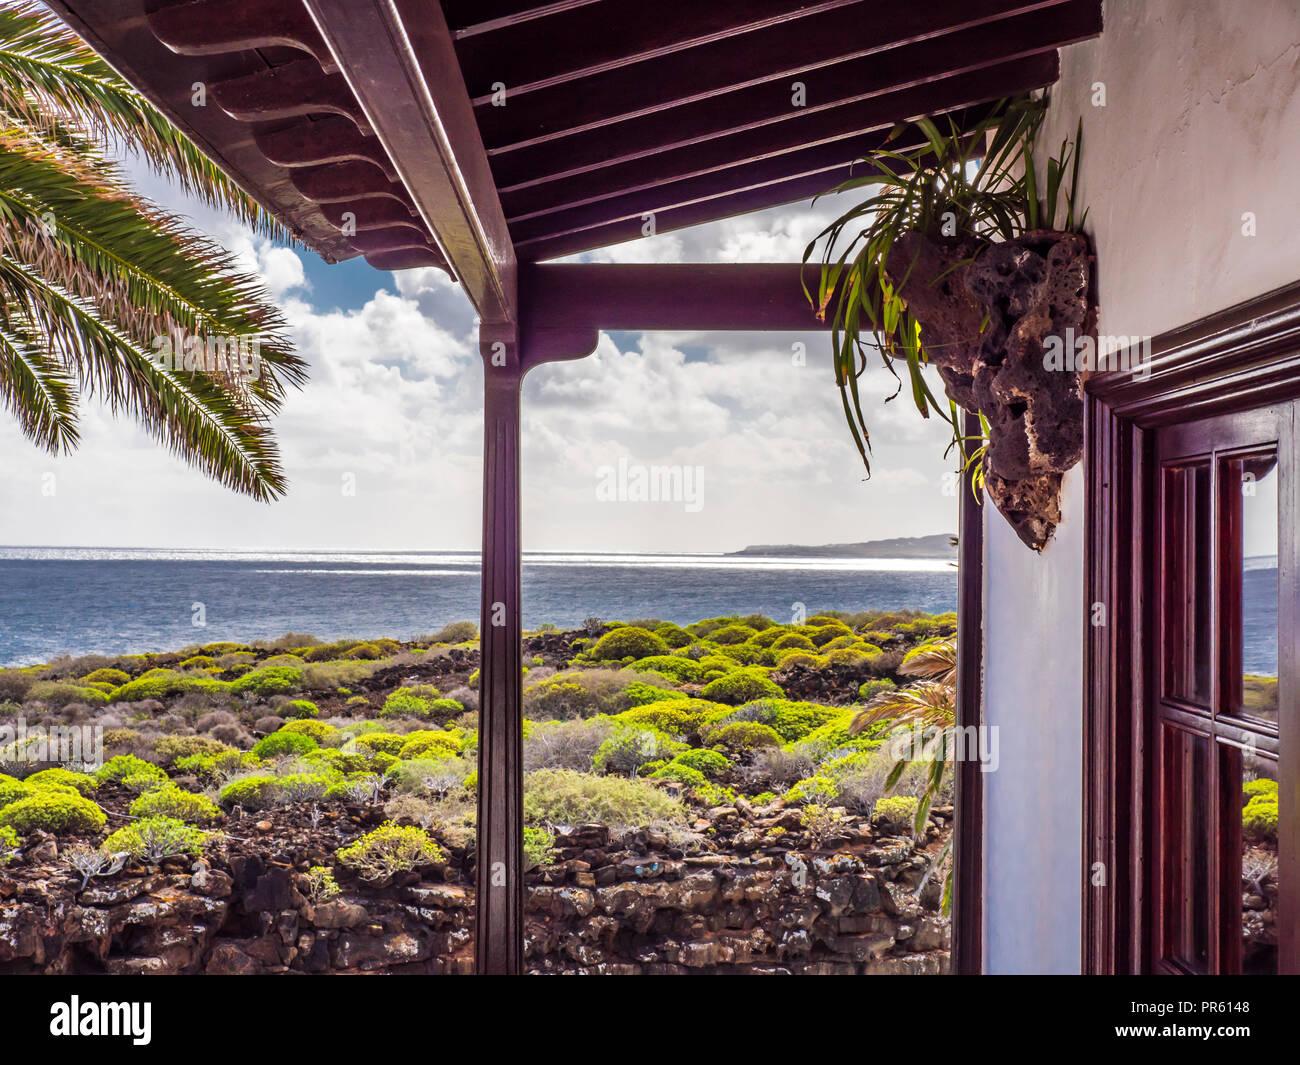 Schone Aussicht Auf Den Atlantischen Ozean Von Einem Balkon Auf Der